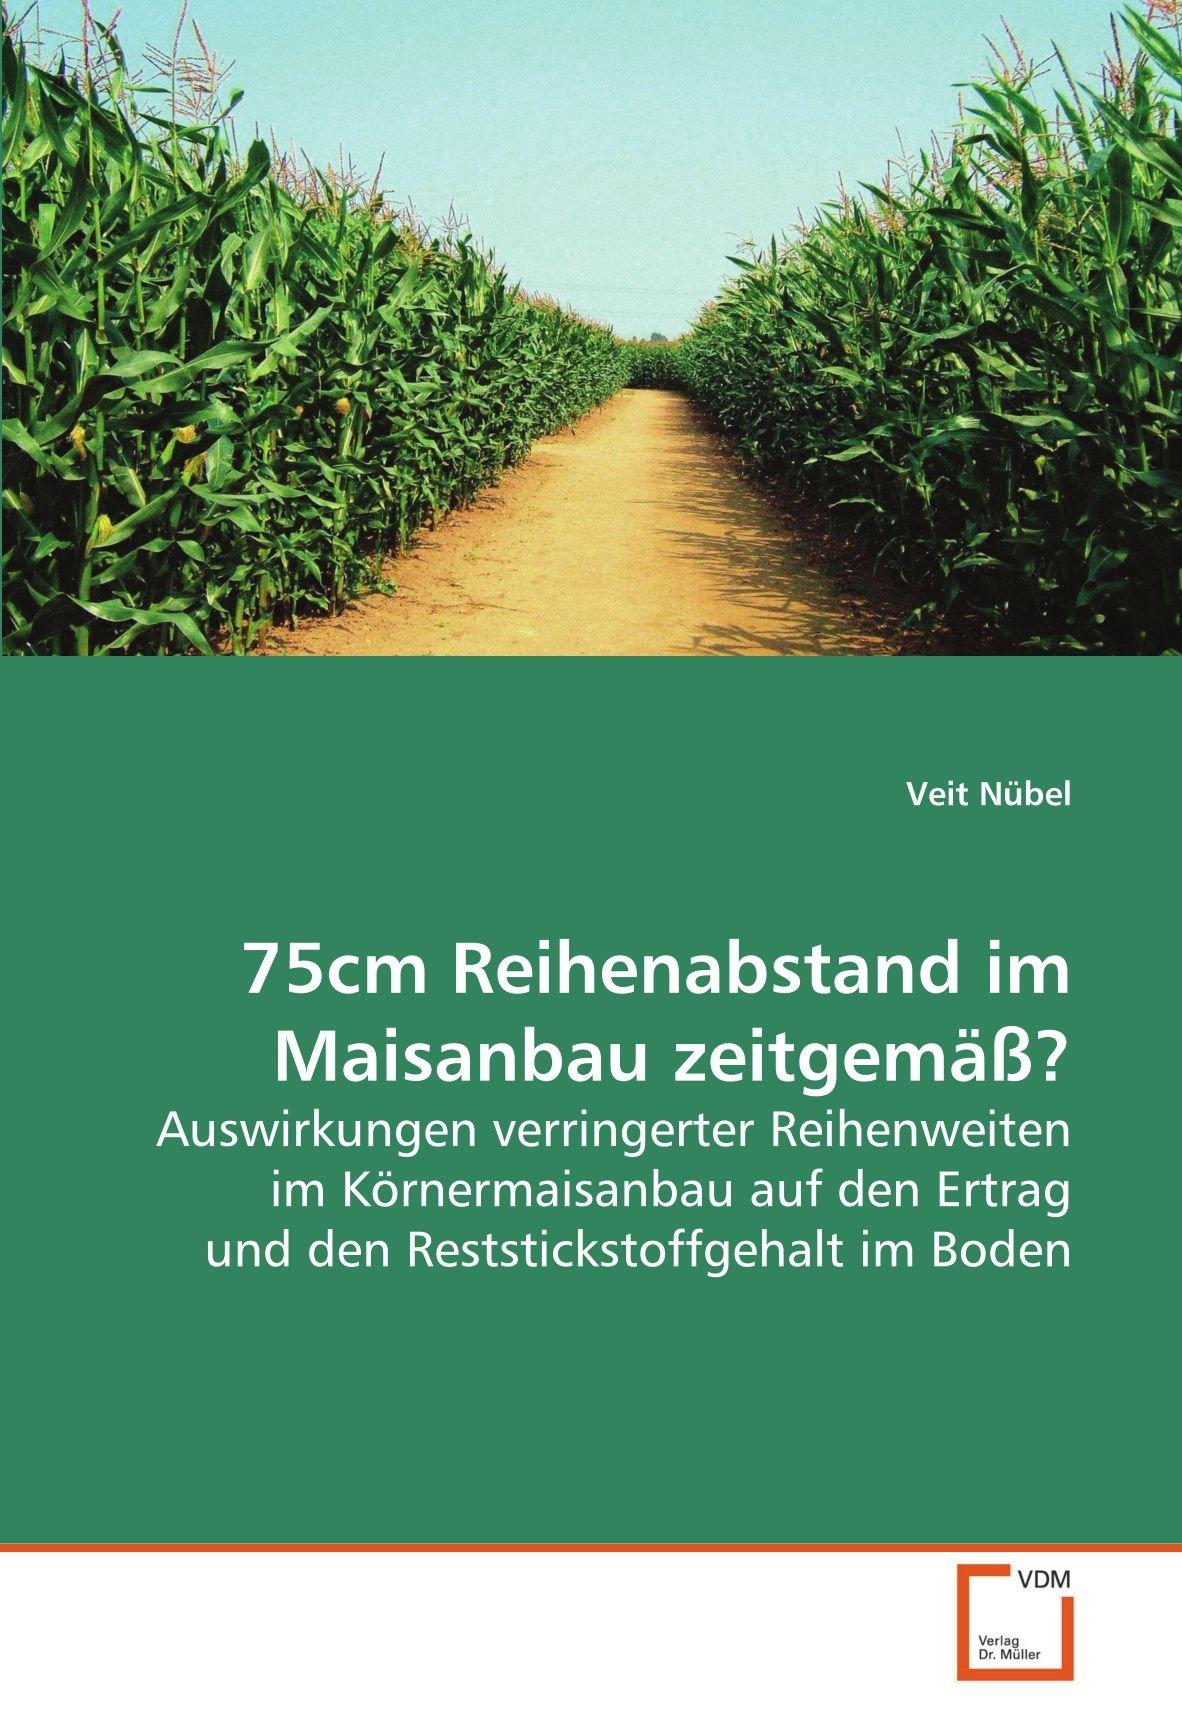 75cm Reihenabstand im Maisanbau zeitgemäß?: Auswirkungen verringerter Reihenweiten im Körnermaisanbau auf den Ertrag und den Reststickstoffgehalt im Boden